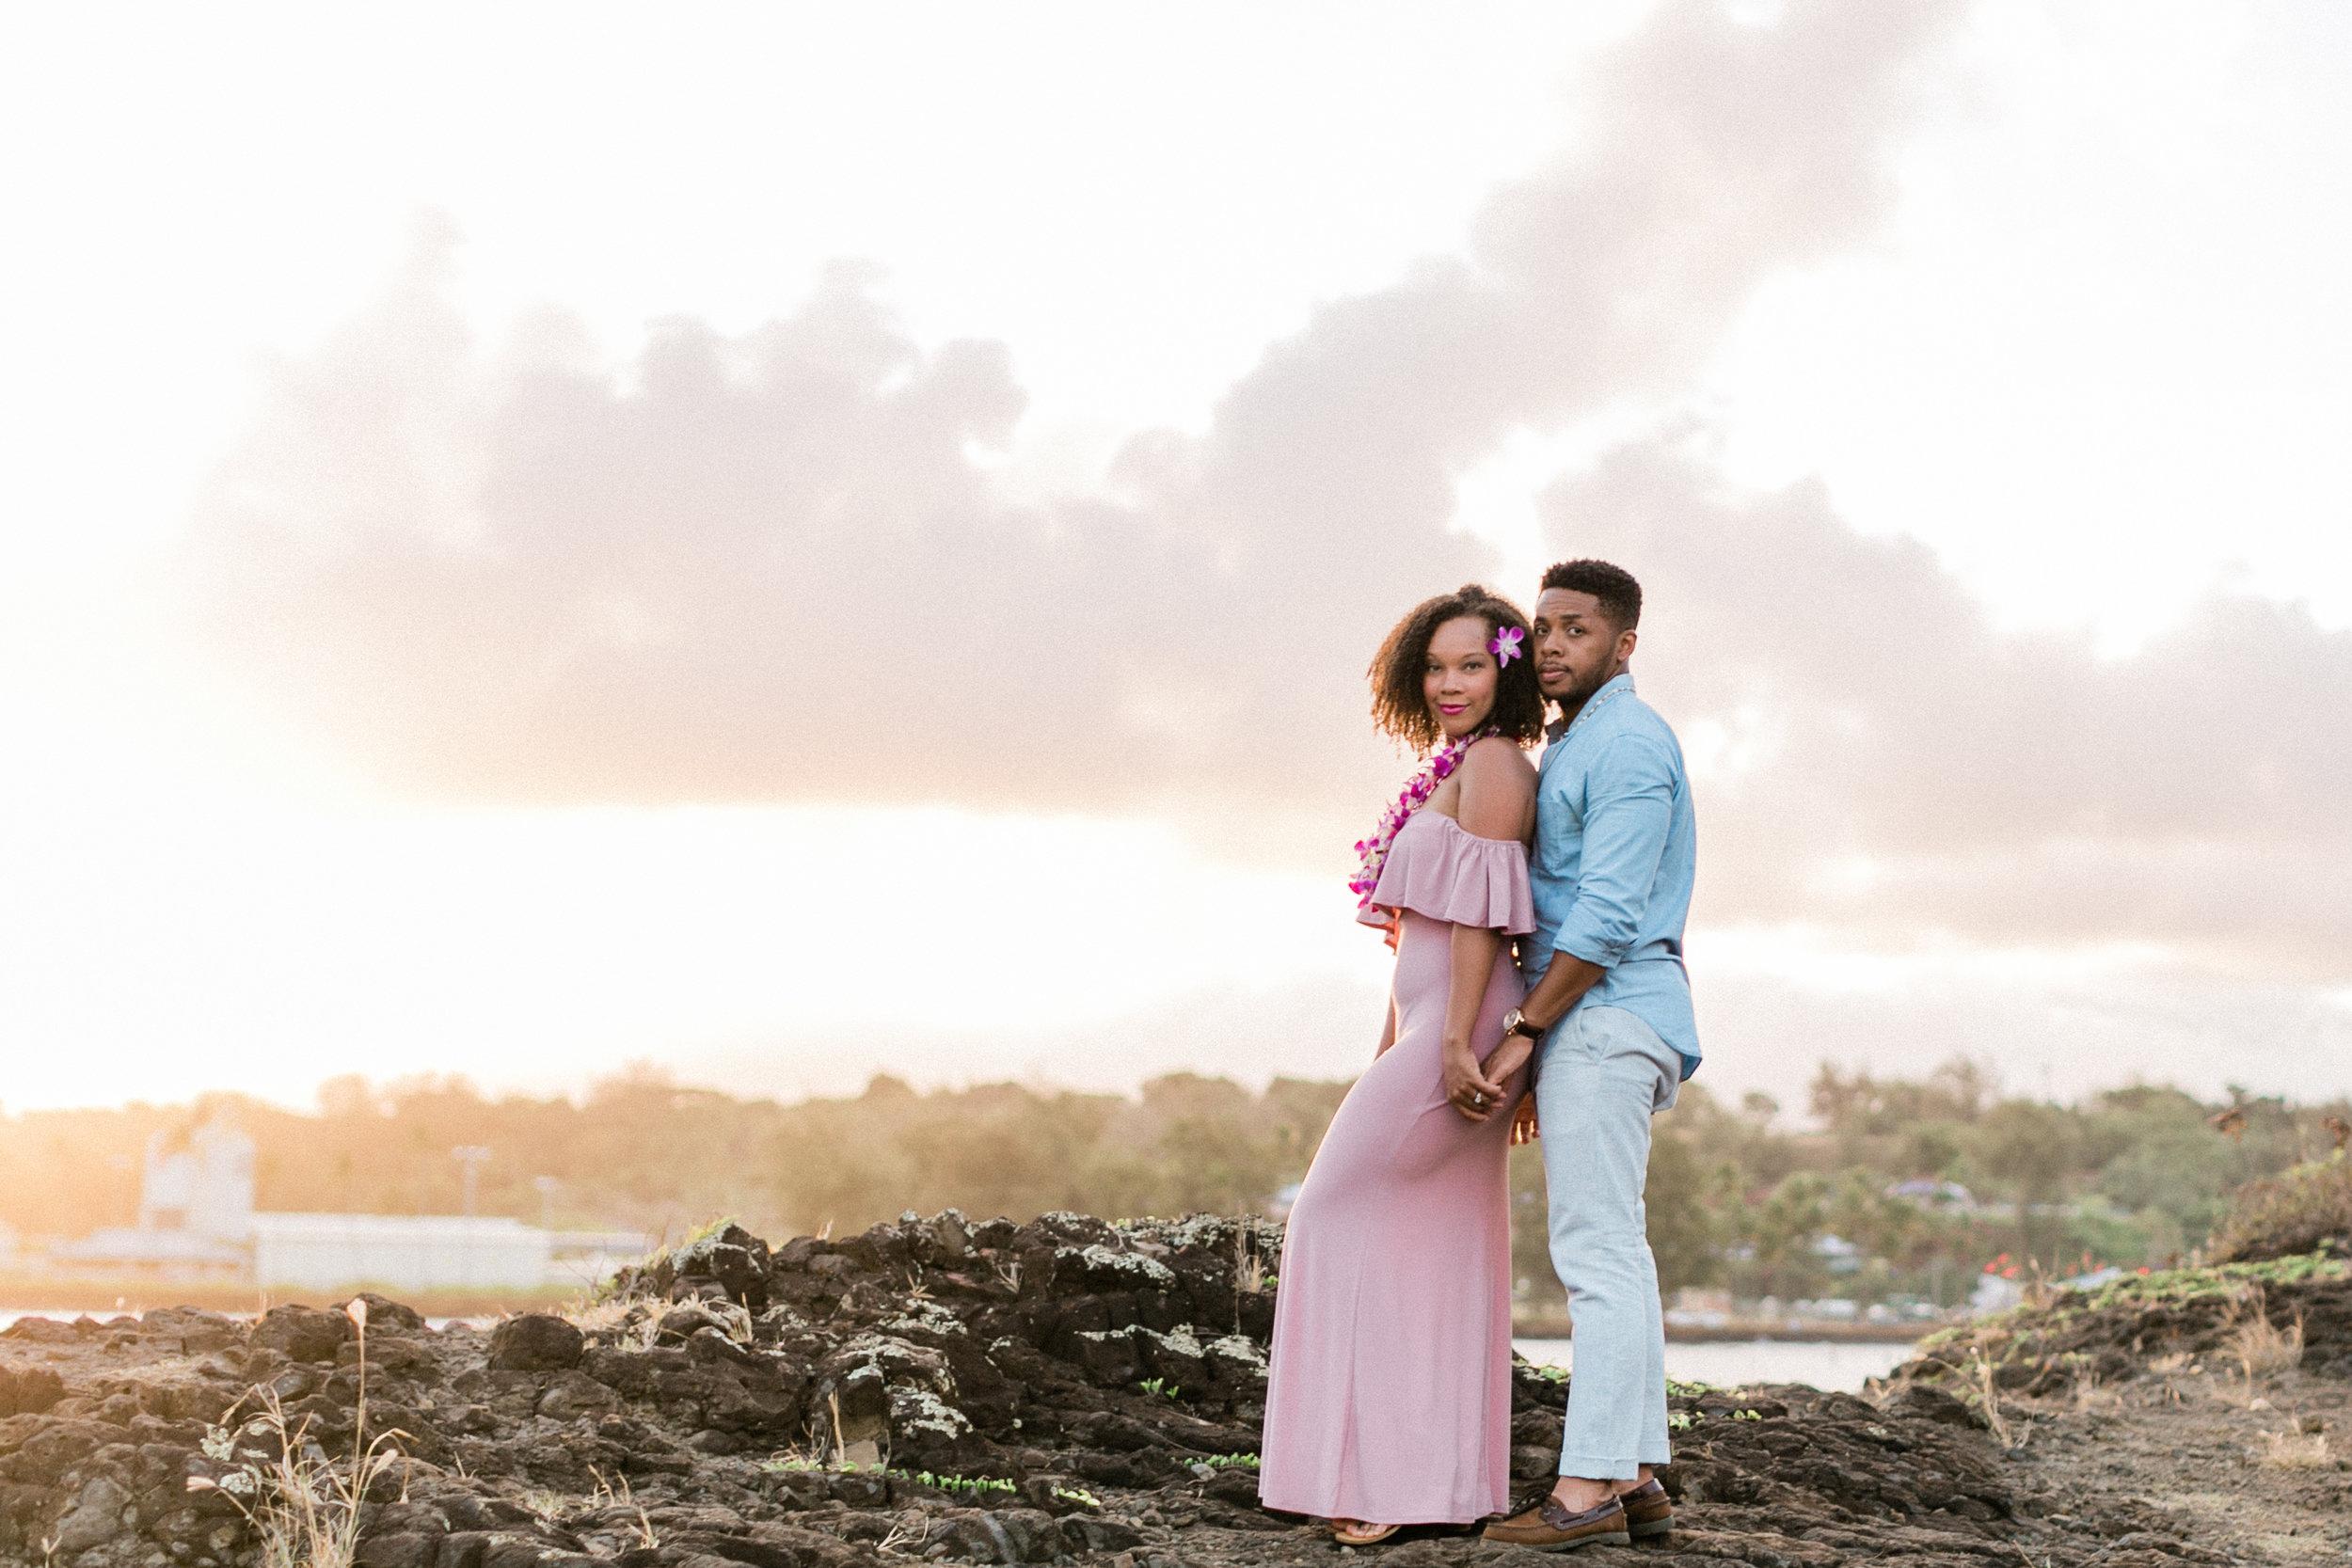 asher-gardner-hawaii-engagement-00013.jpg